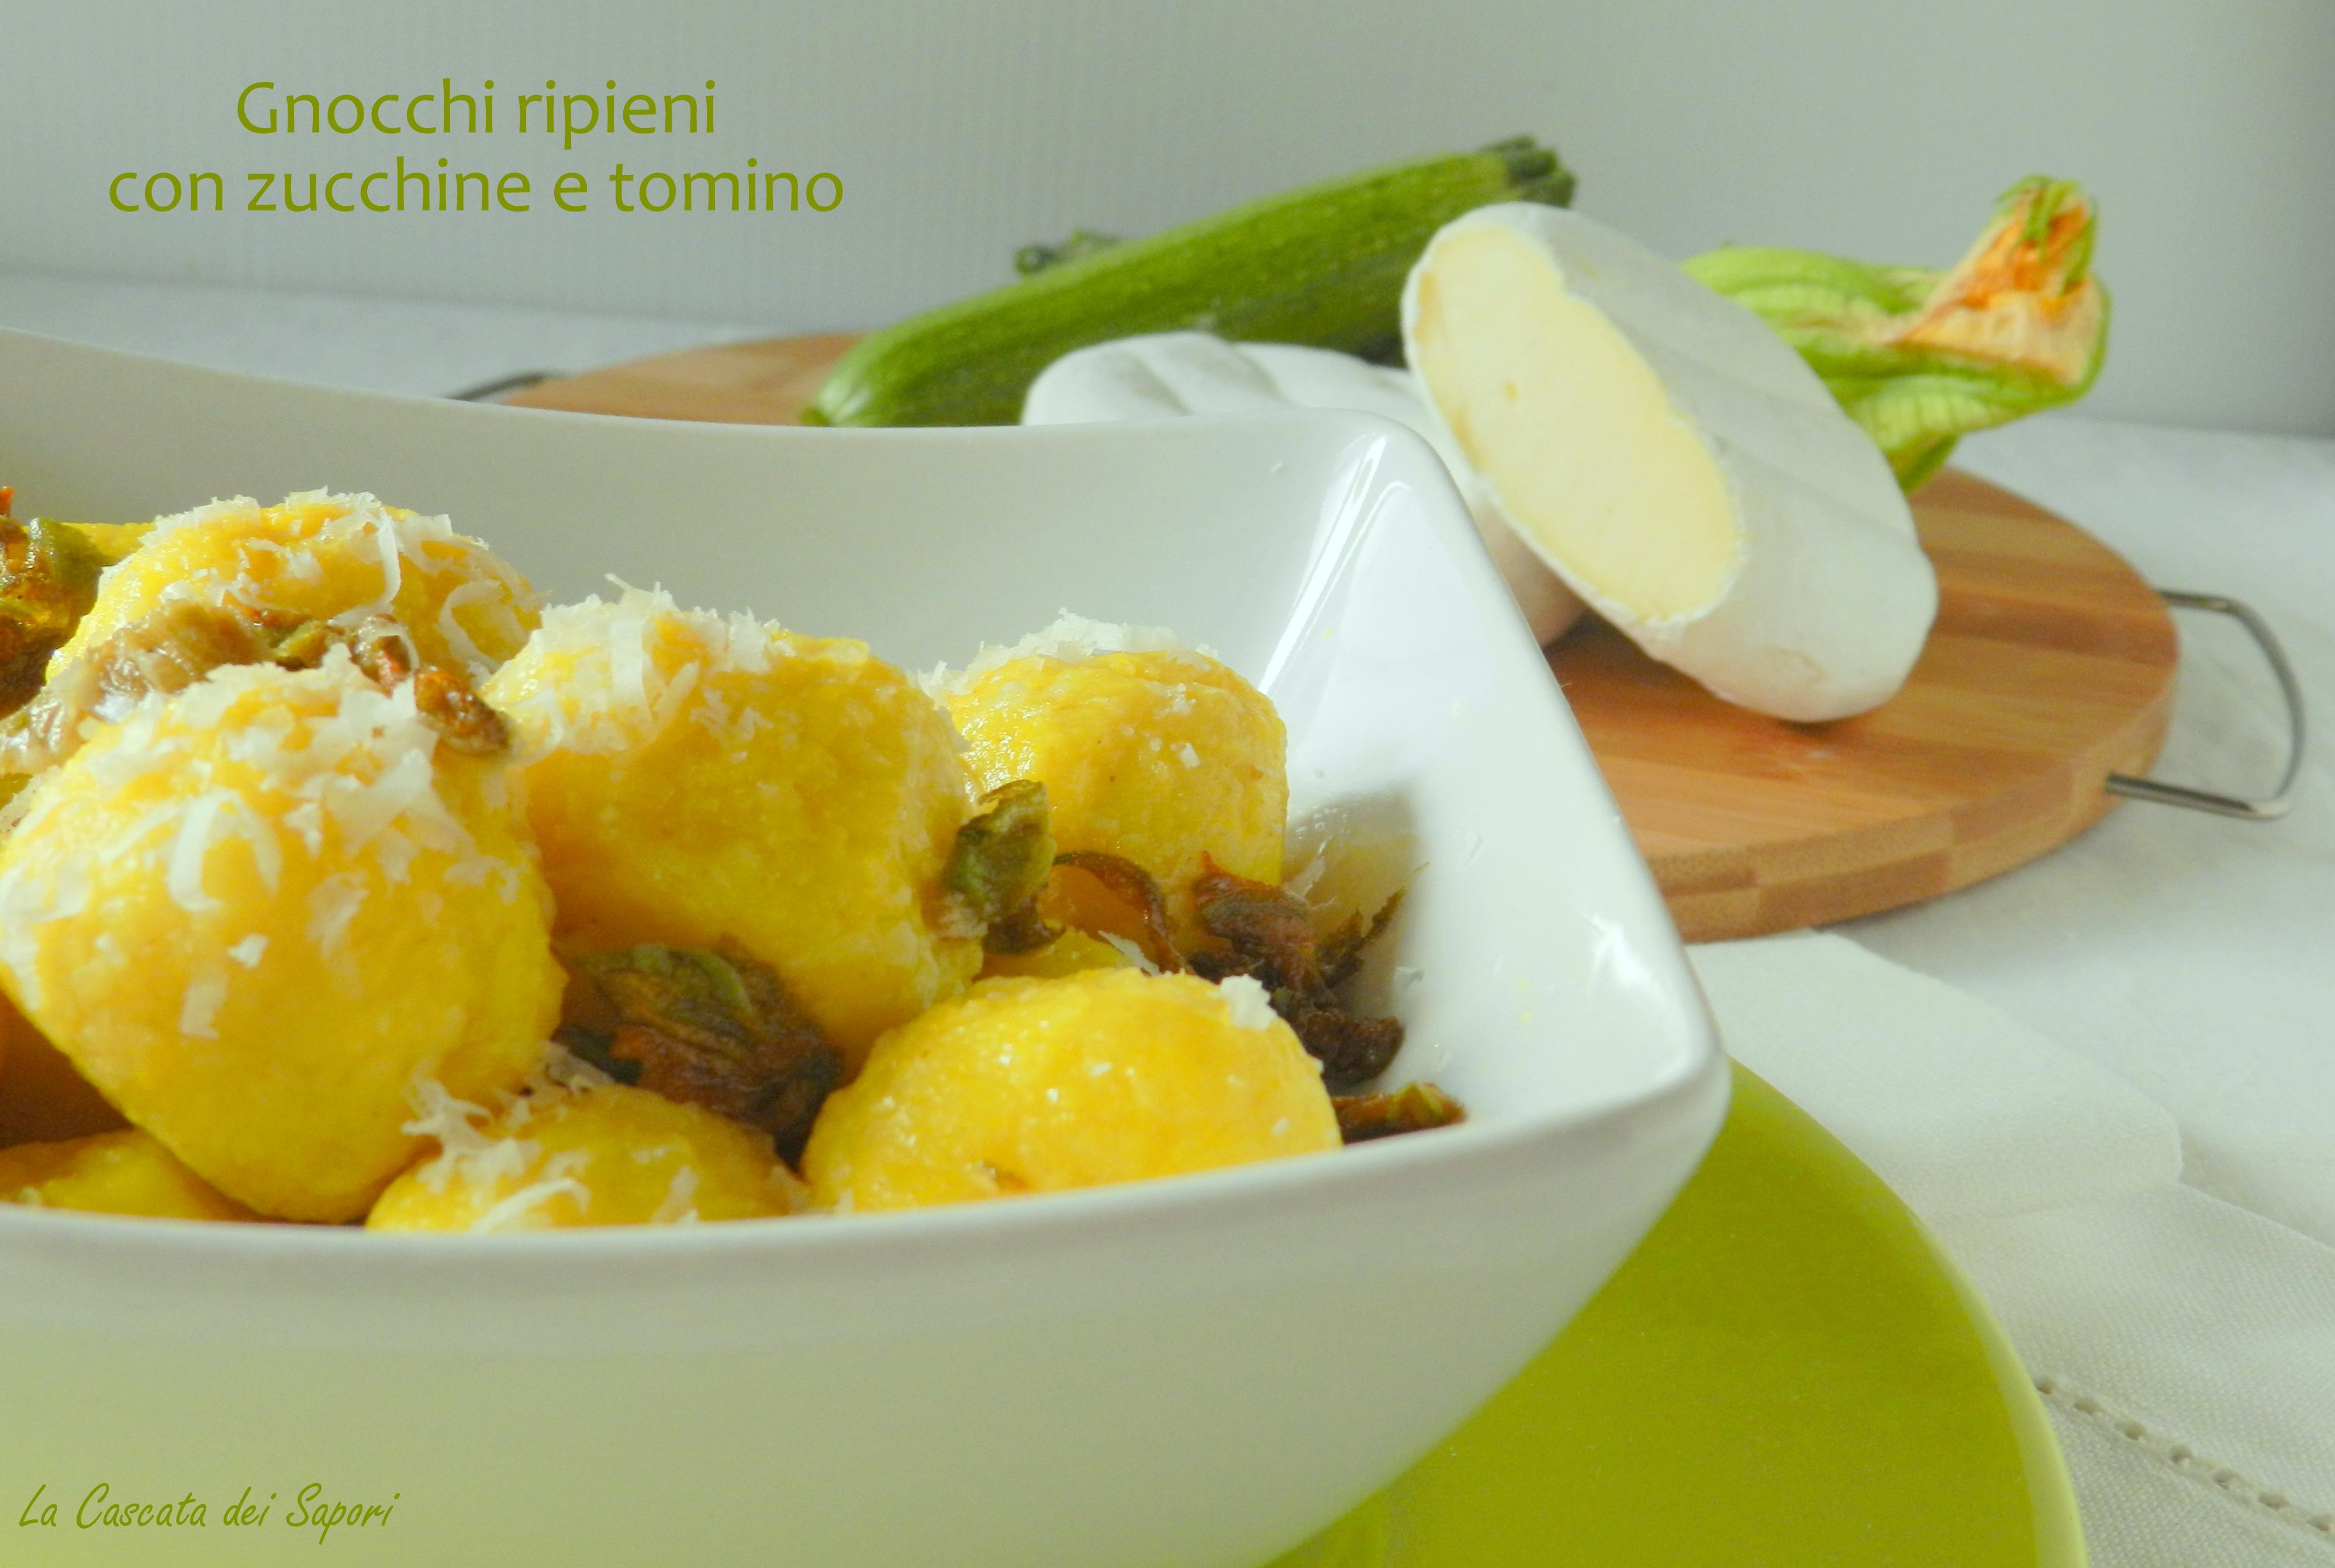 Gnocchi ripieni di zucchine e tomino MTC n.59